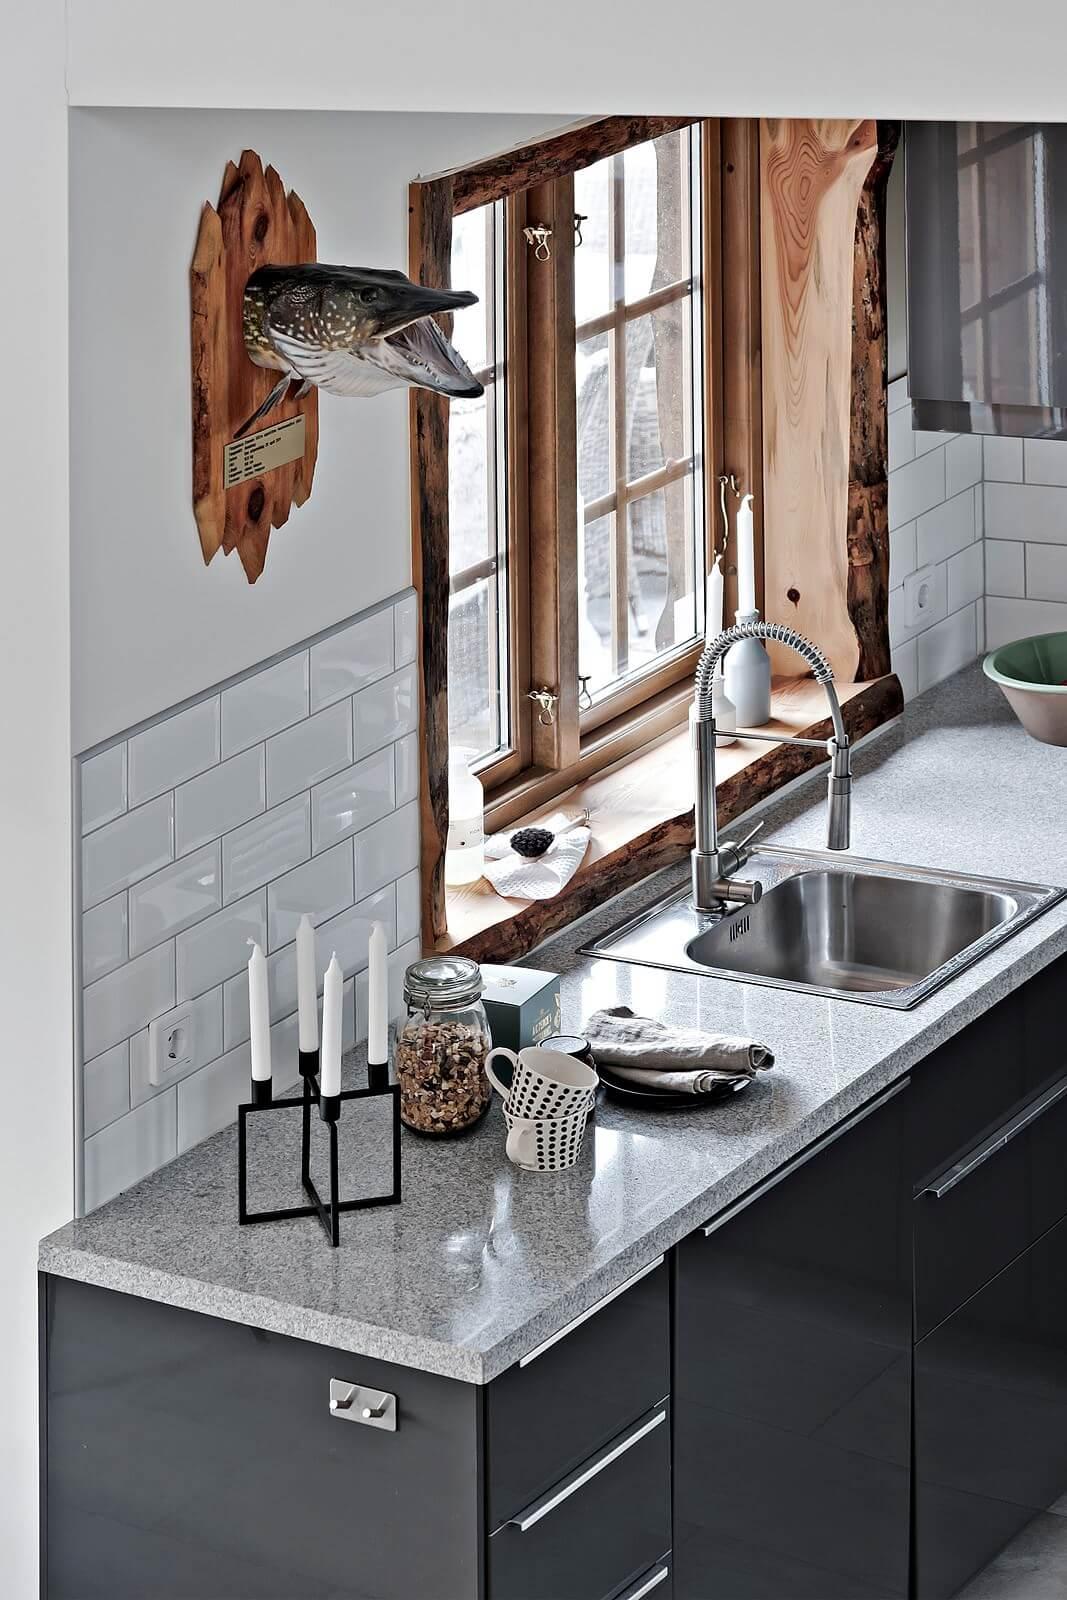 Un accogliente cottage casa di stile for Casa di ranch stile artigiano